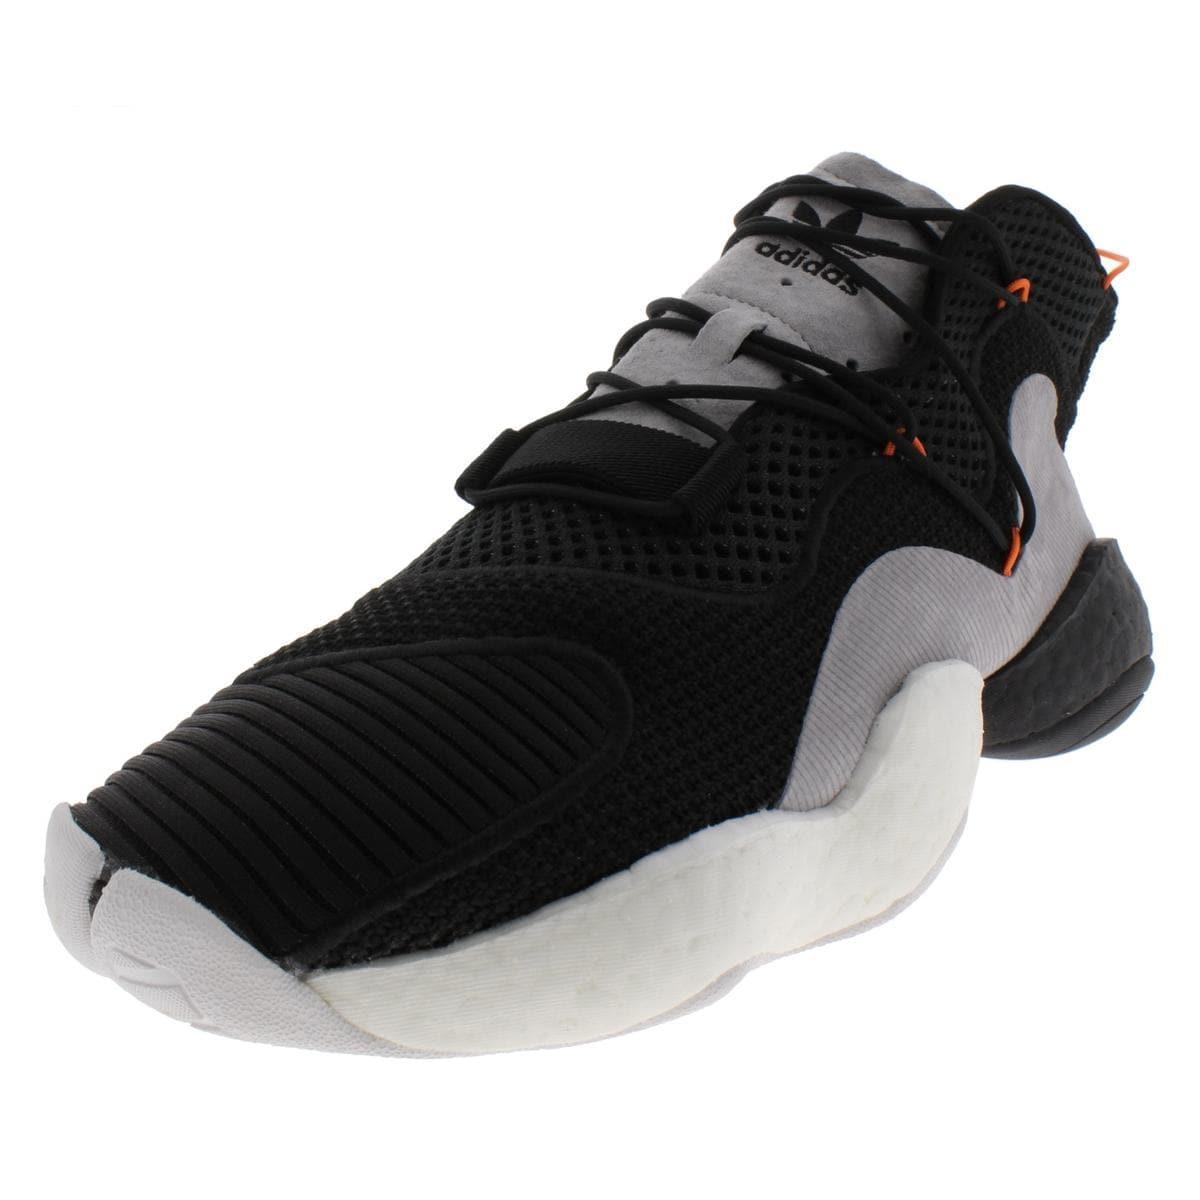 buy popular ef3b1 d9af0 adidas Originals Mens Crazy BYW Basketball Shoes Knit Lightweight